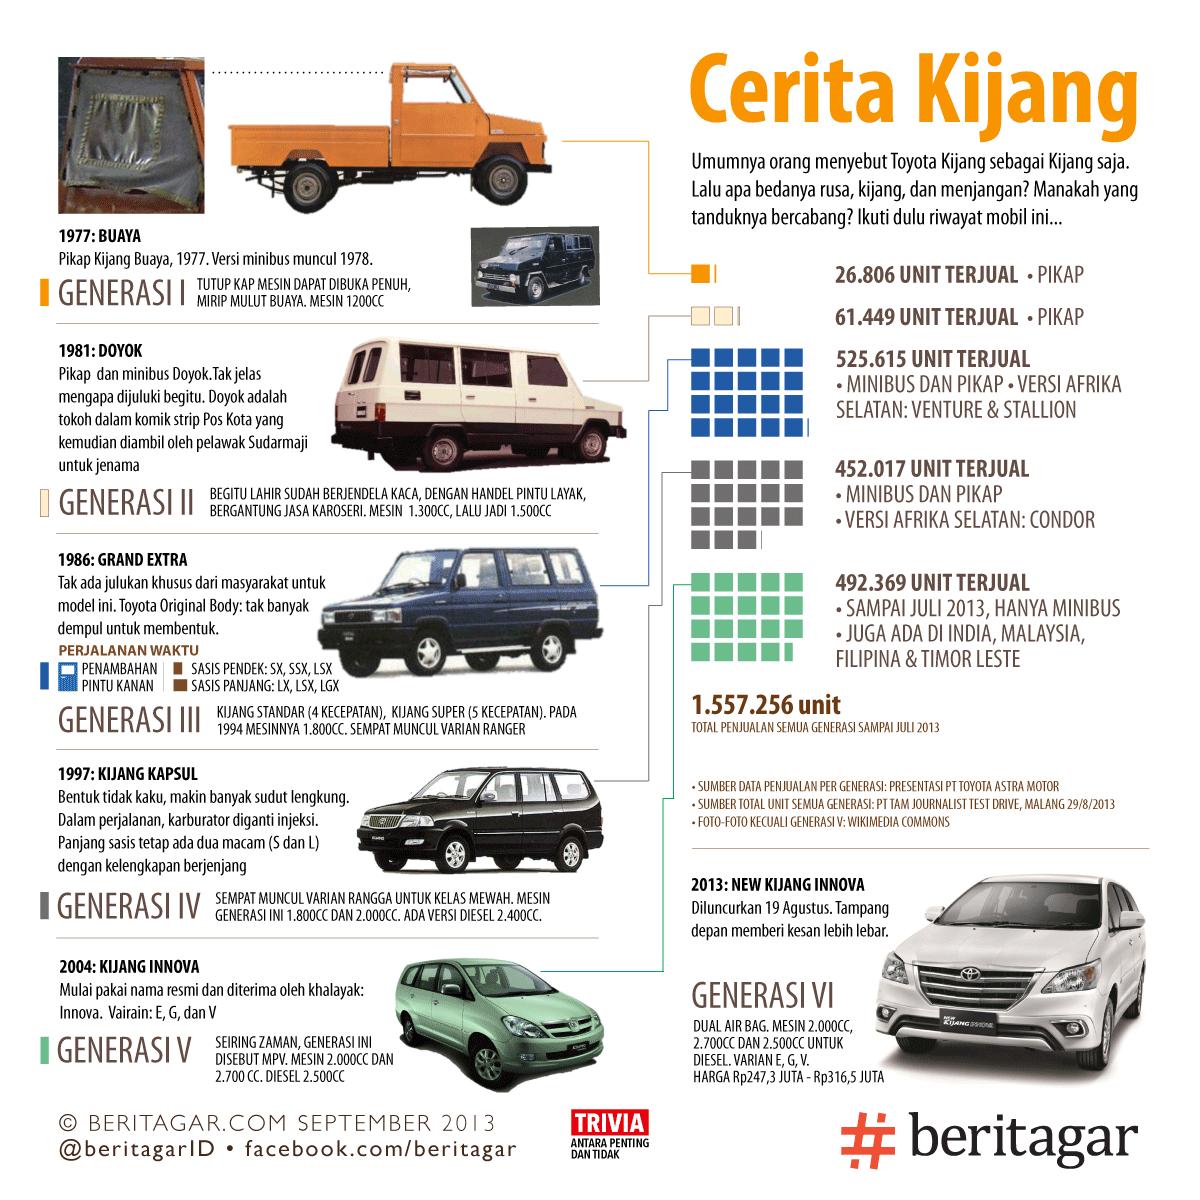 Chevrolet Indonesia Tutup Harga Mobil Bekasnya Terjun Bebas